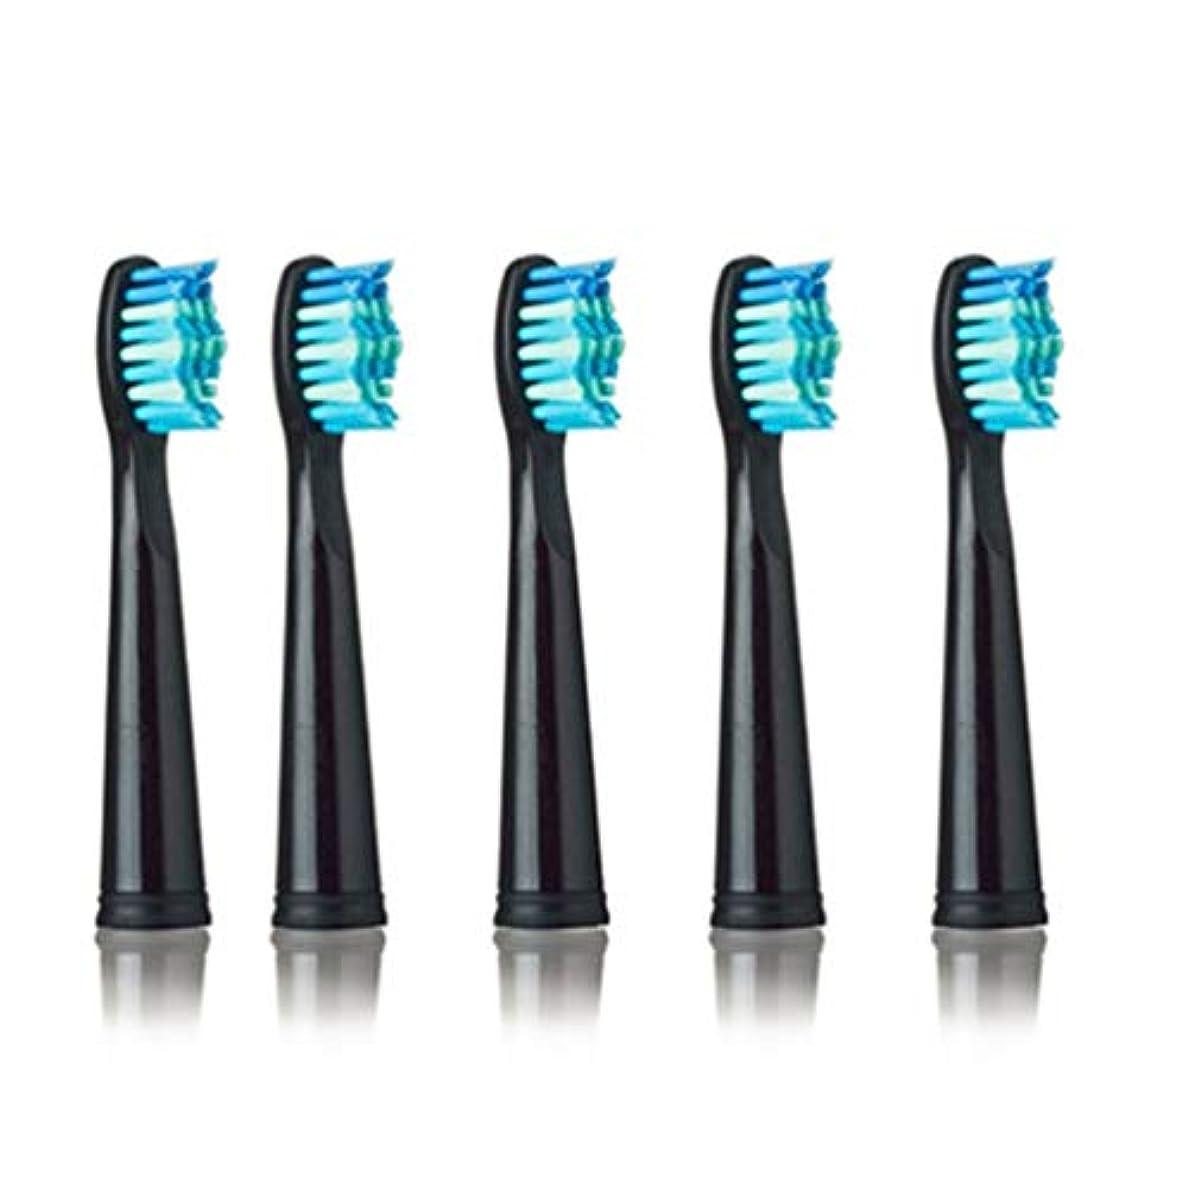 スプレー抵抗力があるカルシウムSEAGO 949/507/610/659用電動歯ブラシヘッド抗菌自動歯ブラシヘッド電動歯ブラシ - ブラック